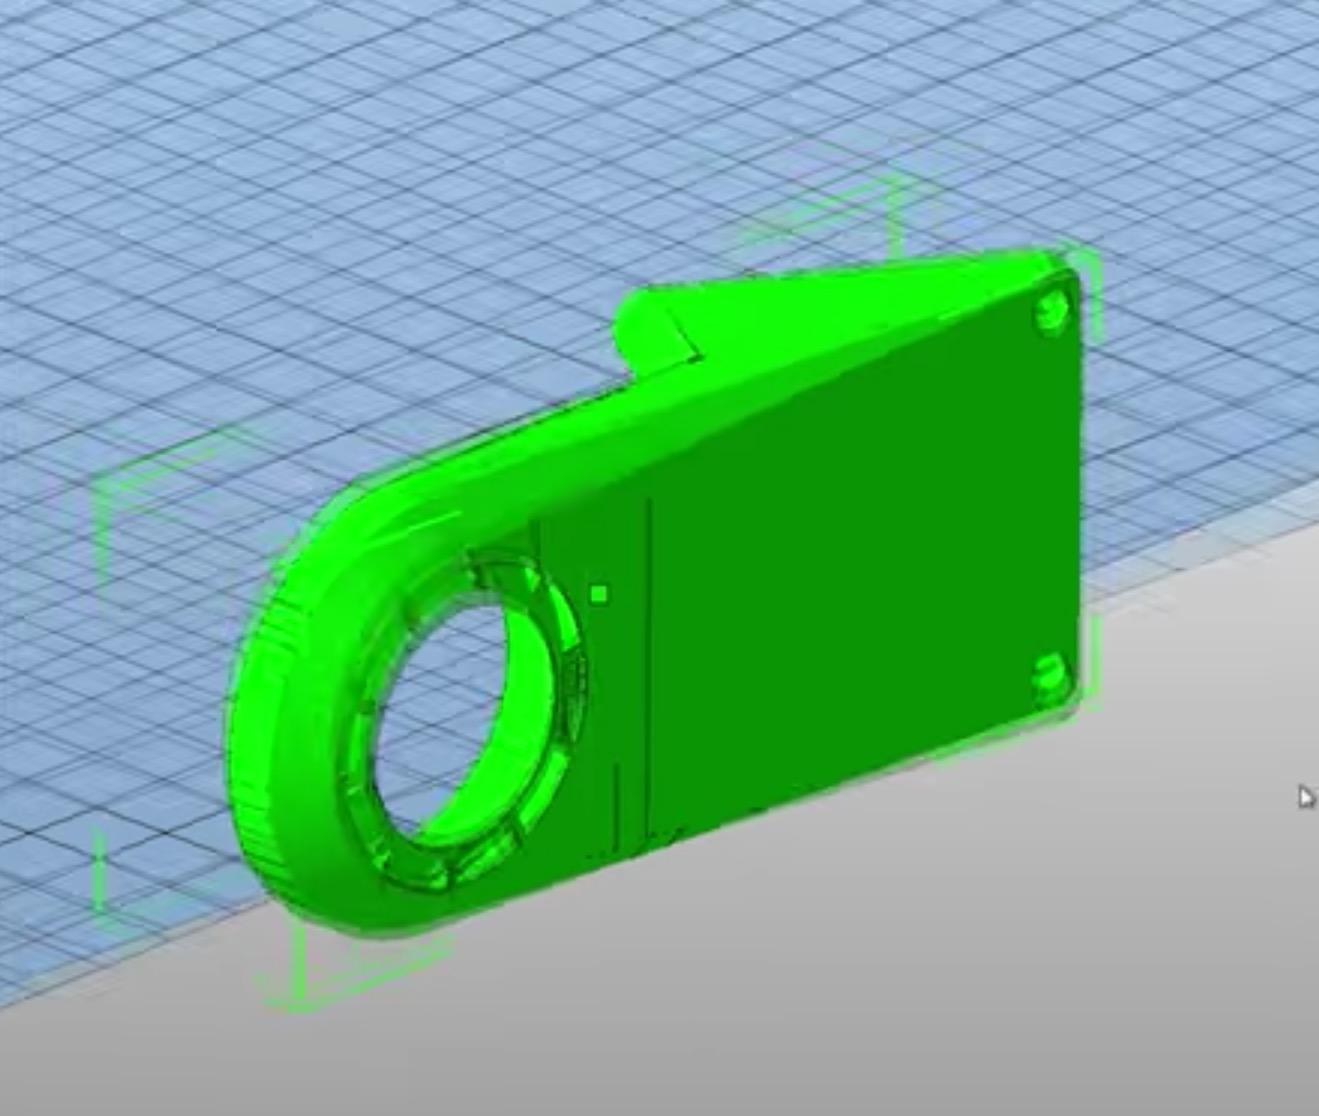 A Combination of Tools to Fix BAD STL 3D Print Files